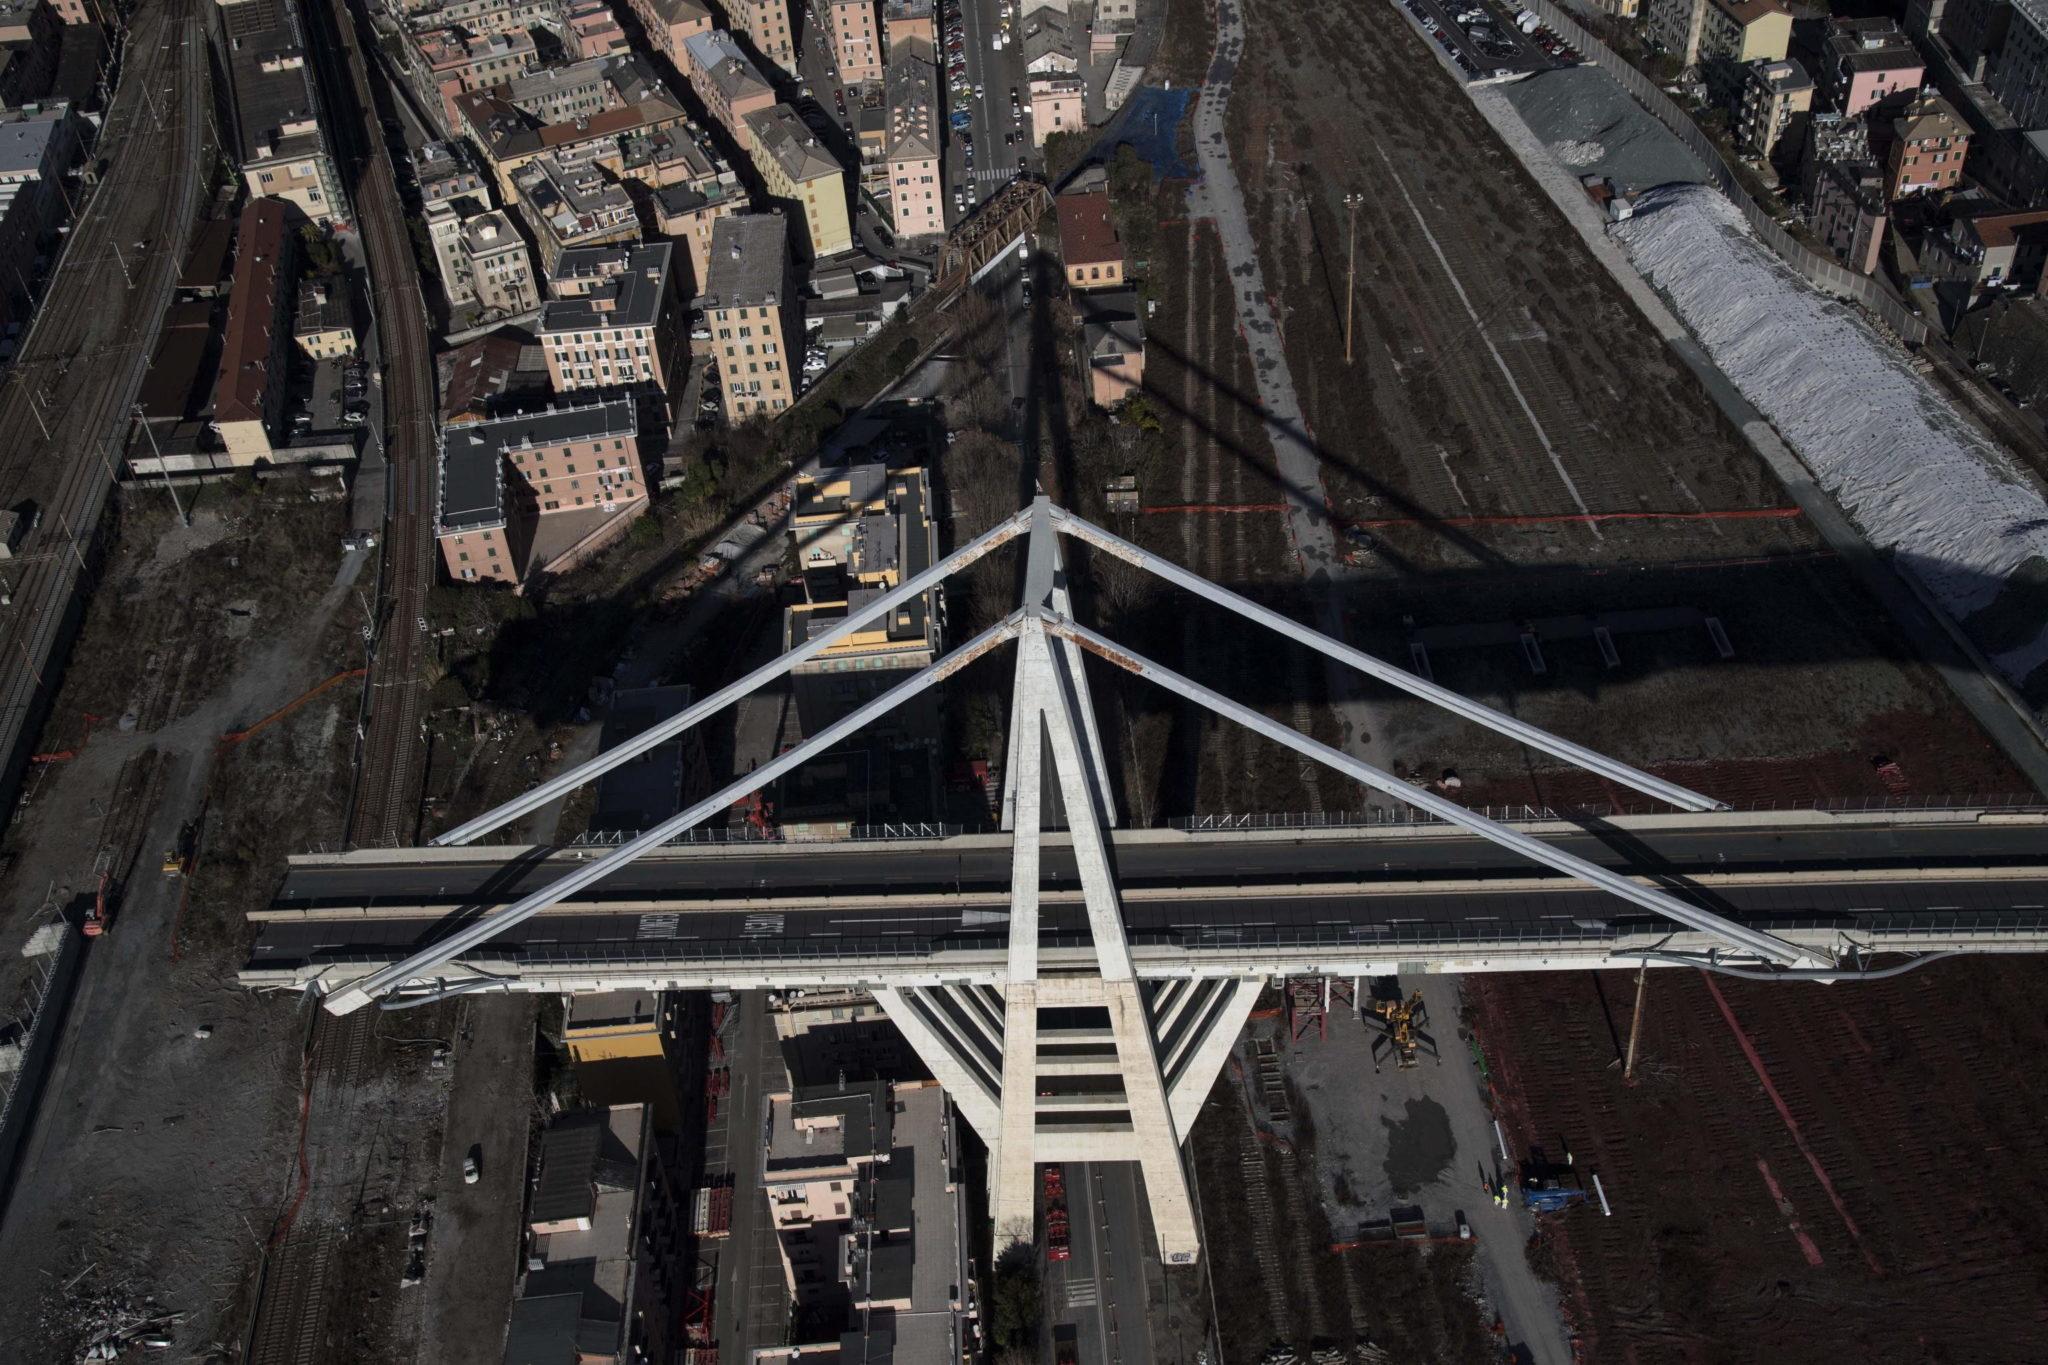 Włochy: widok z lotu ptaka na most Morandi w Genui. Most Morandi częściowo zawalił się 14 sierpnia, zabijając 43 osoby. Nowy most ma być gotowy w ciągu roku, fot. Luca Zennaro, PAP/EPA